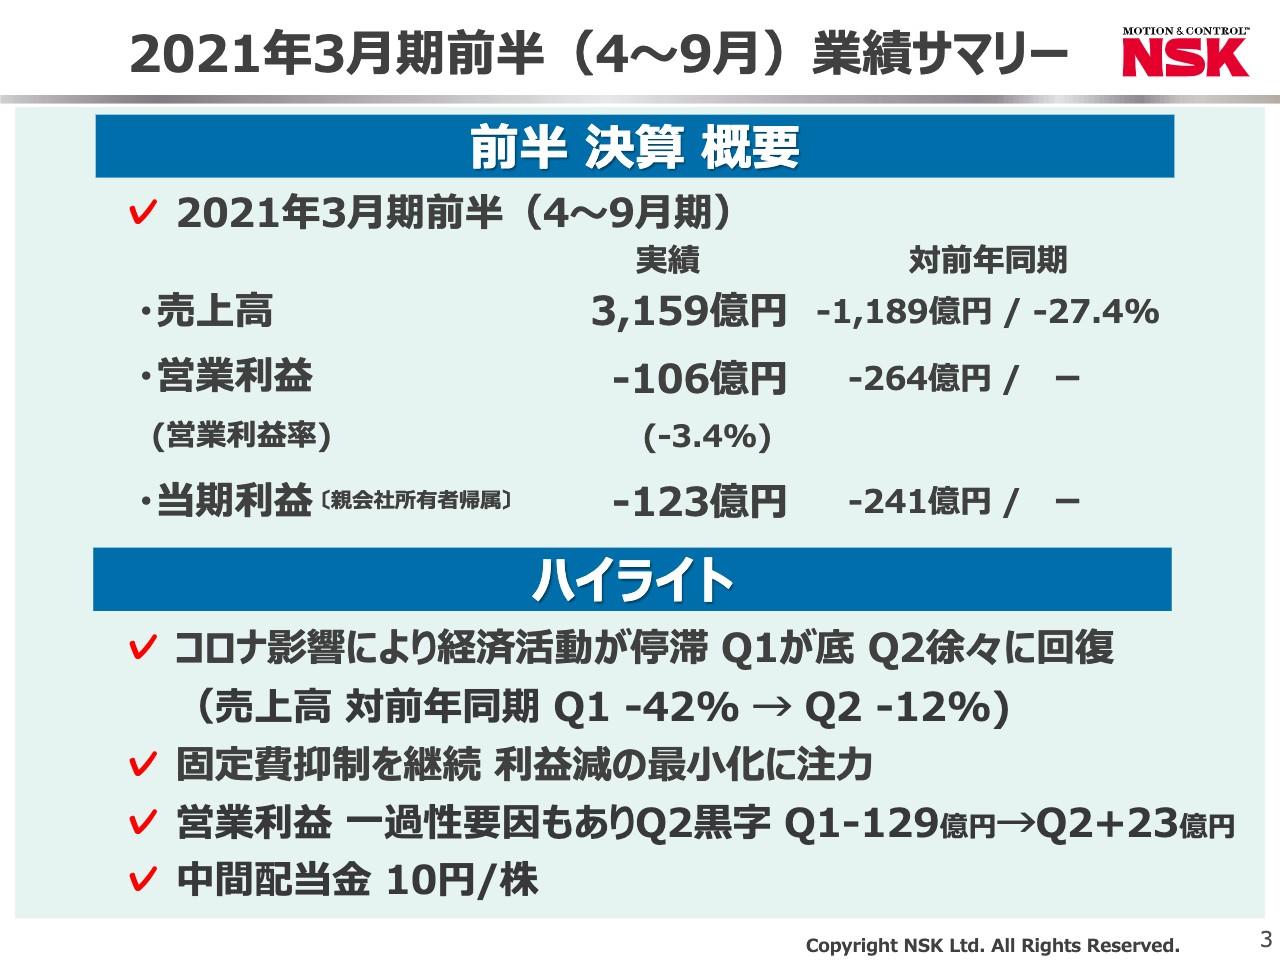 日本精工、上期は当期損失123億円 1Qを底に2Qは回復傾向も、販売ボリューム減が響く